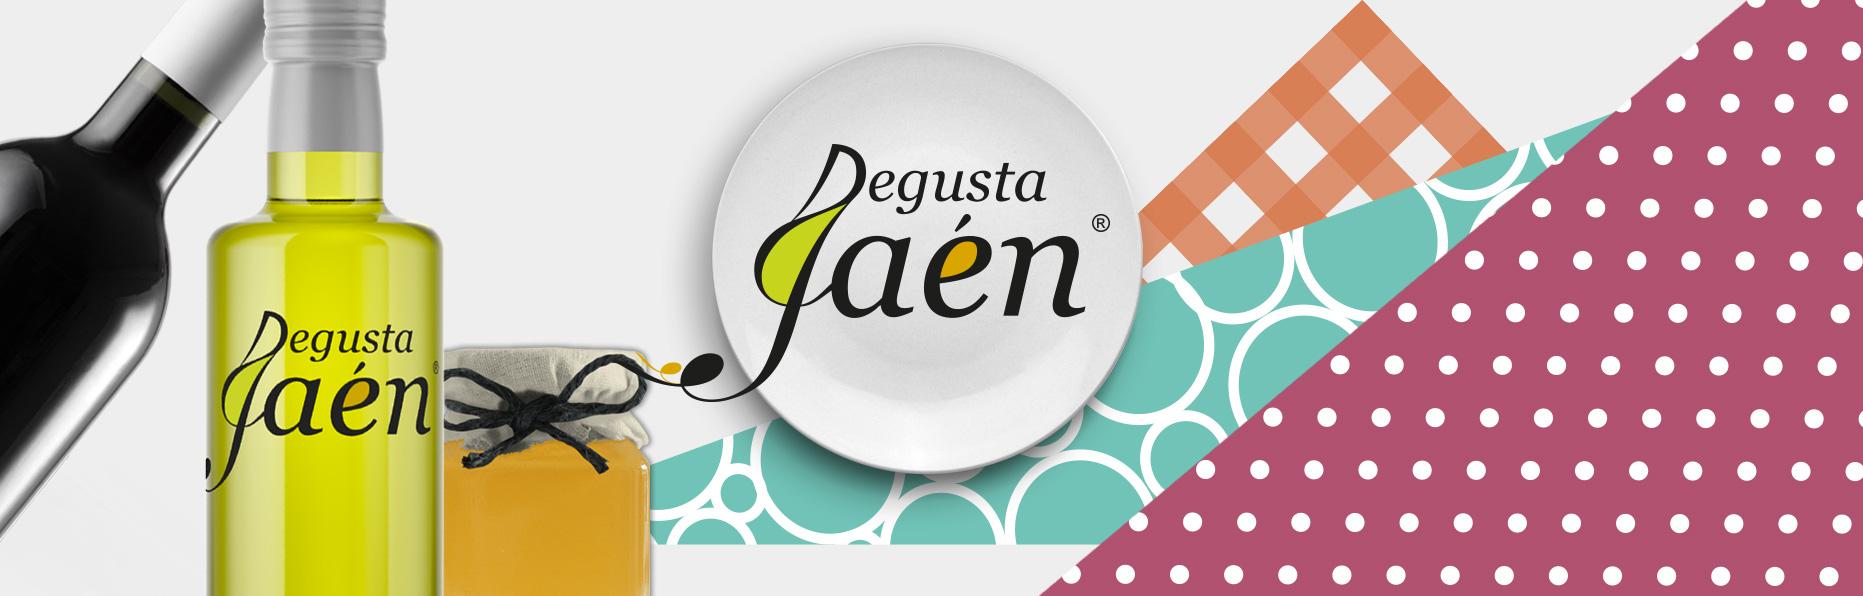 Empresas de Degusta Jaén